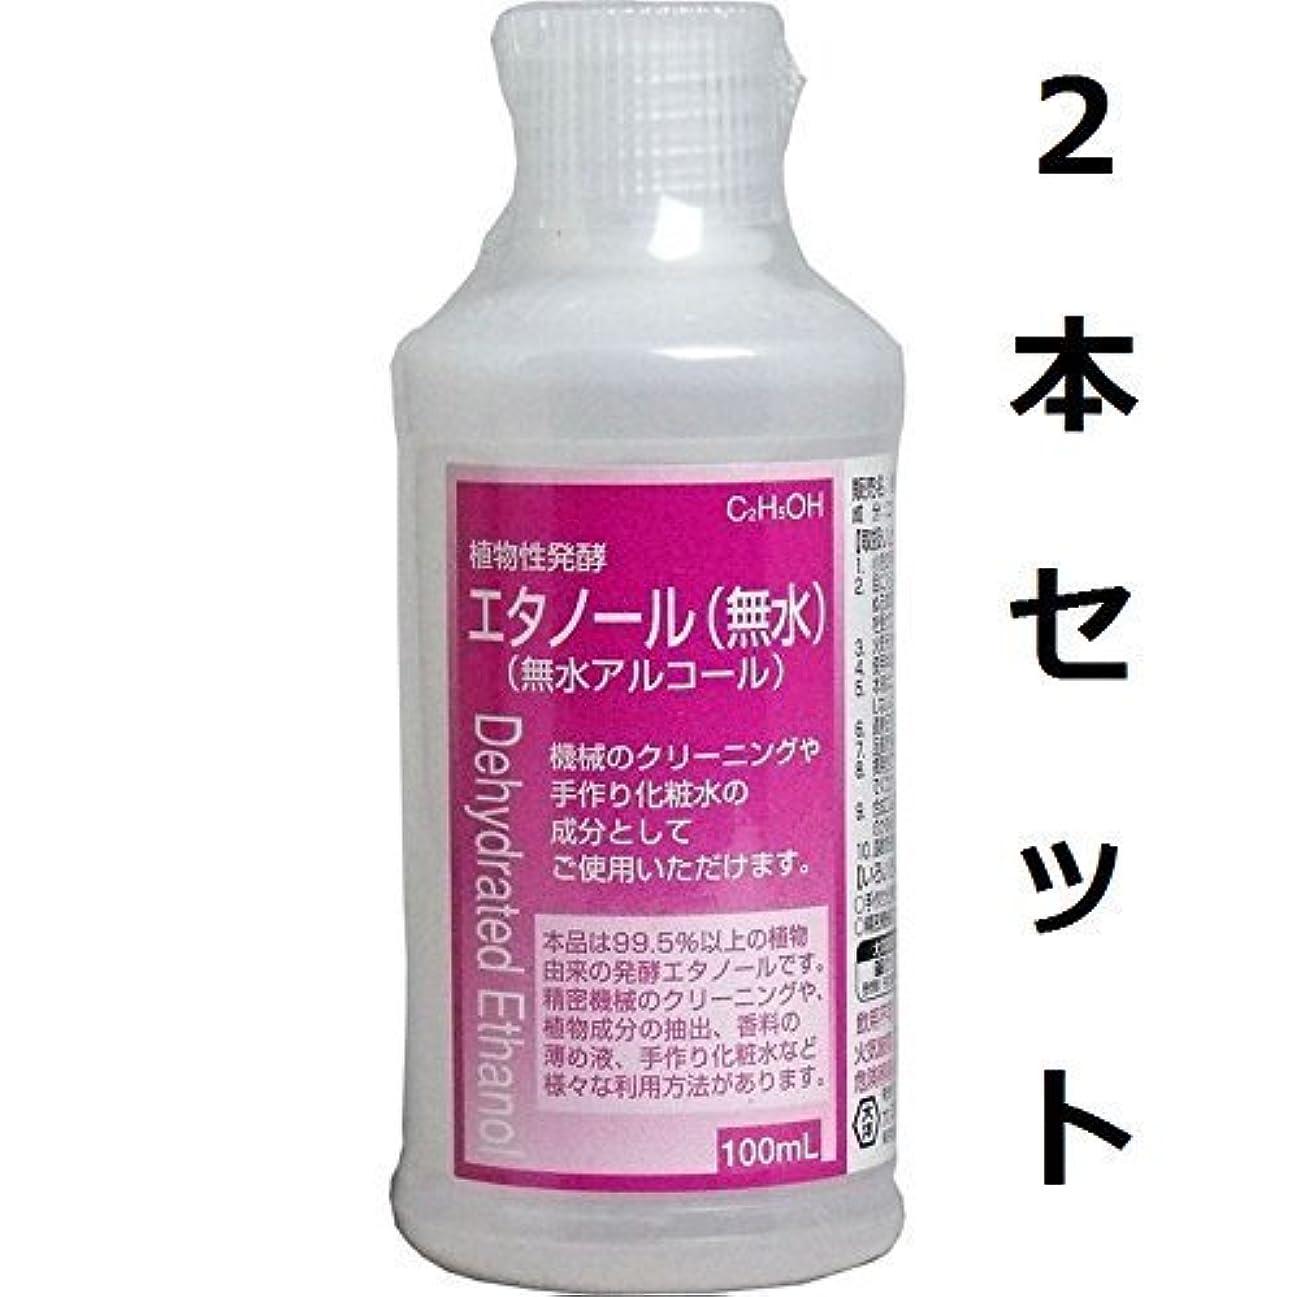 年次無視エゴイズム香料の薄め液に 植物性発酵エタノール(無水エタノール) 100mL 2本セット by 大洋製薬